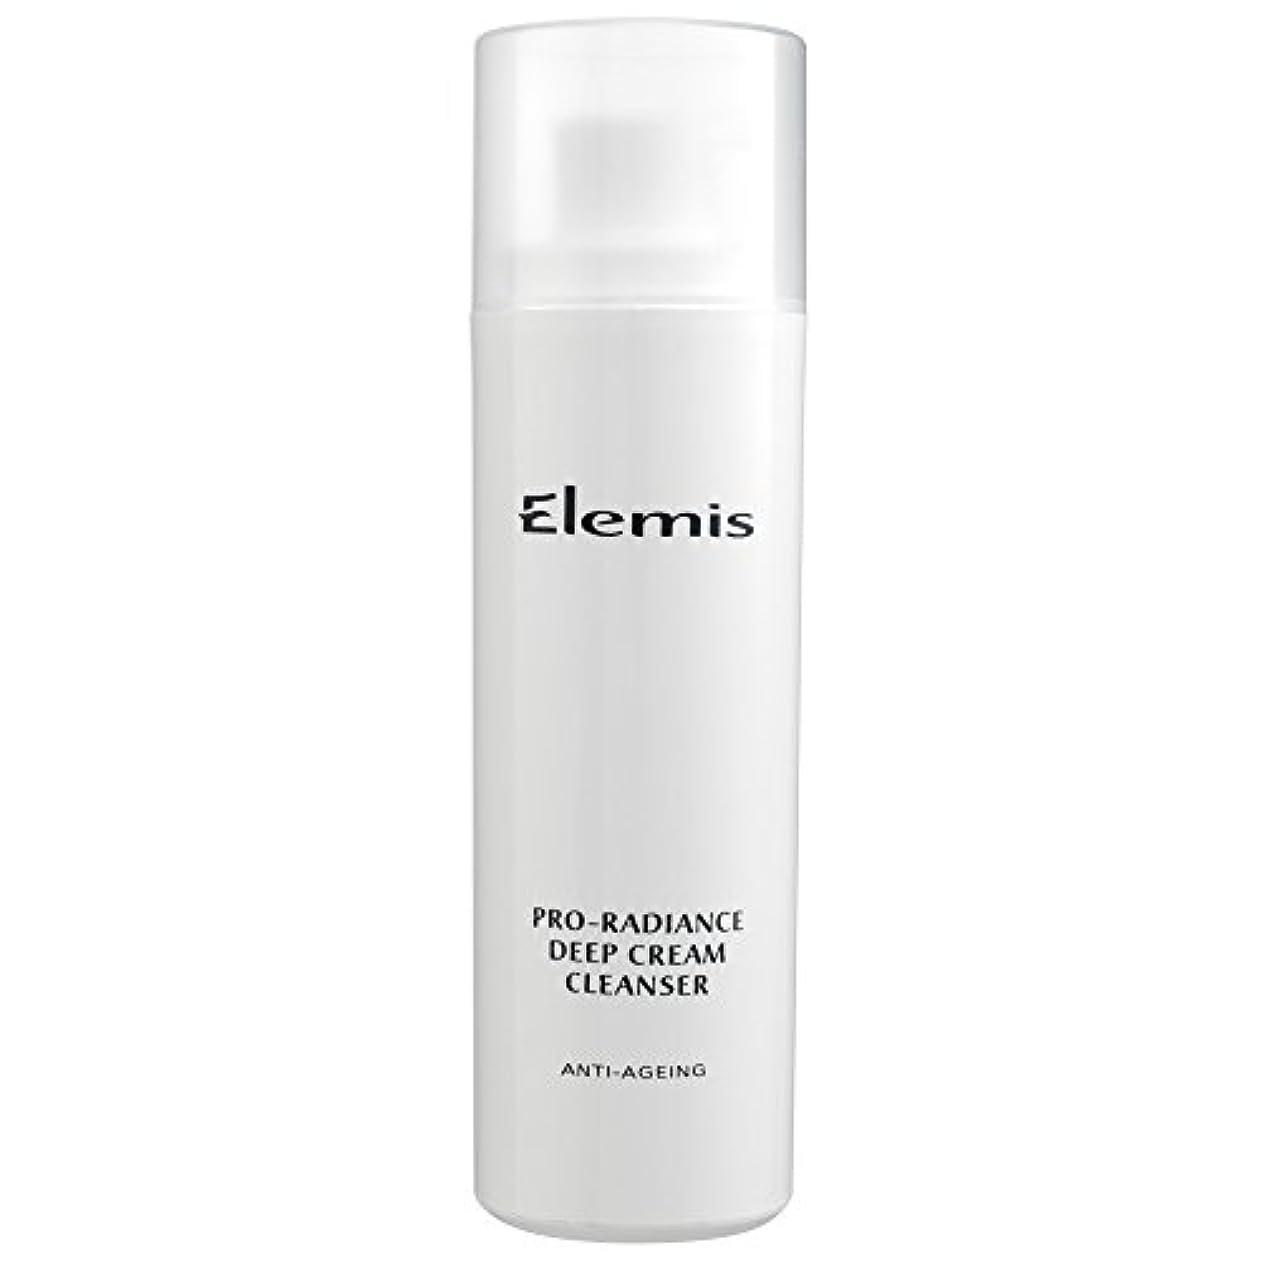 拡張劇的むさぼり食うエレミスプロ輝きクリームクレンザー、150ミリリットル (Elemis) (x2) - Elemis Pro-Radiance Cream Cleanser, 150ml (Pack of 2) [並行輸入品]